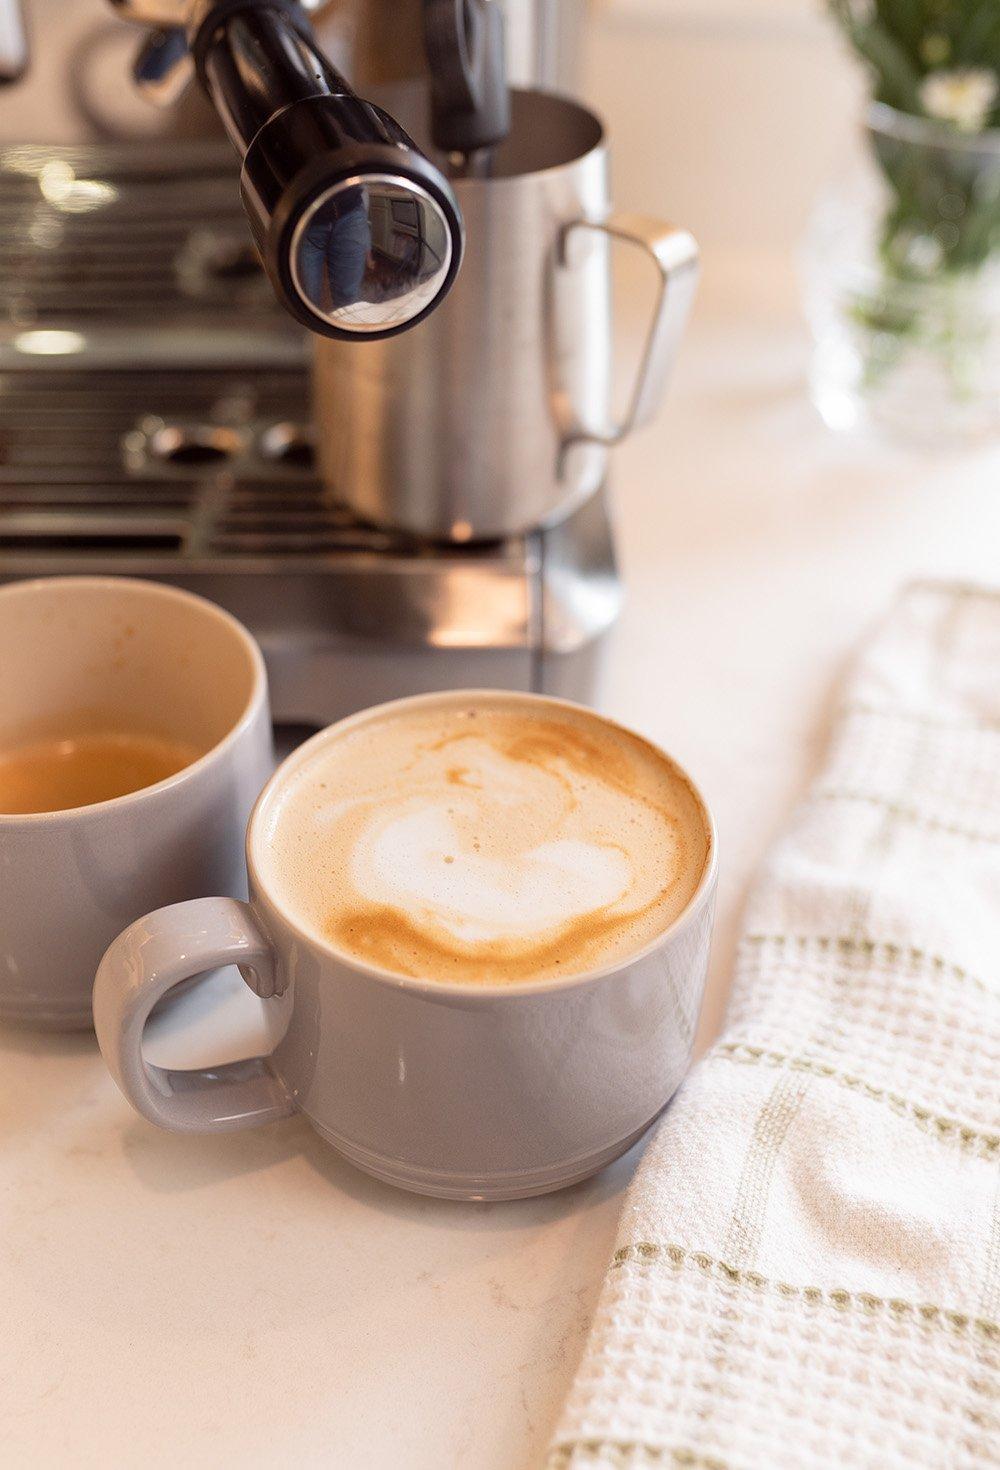 Breville Espresso Machine settings